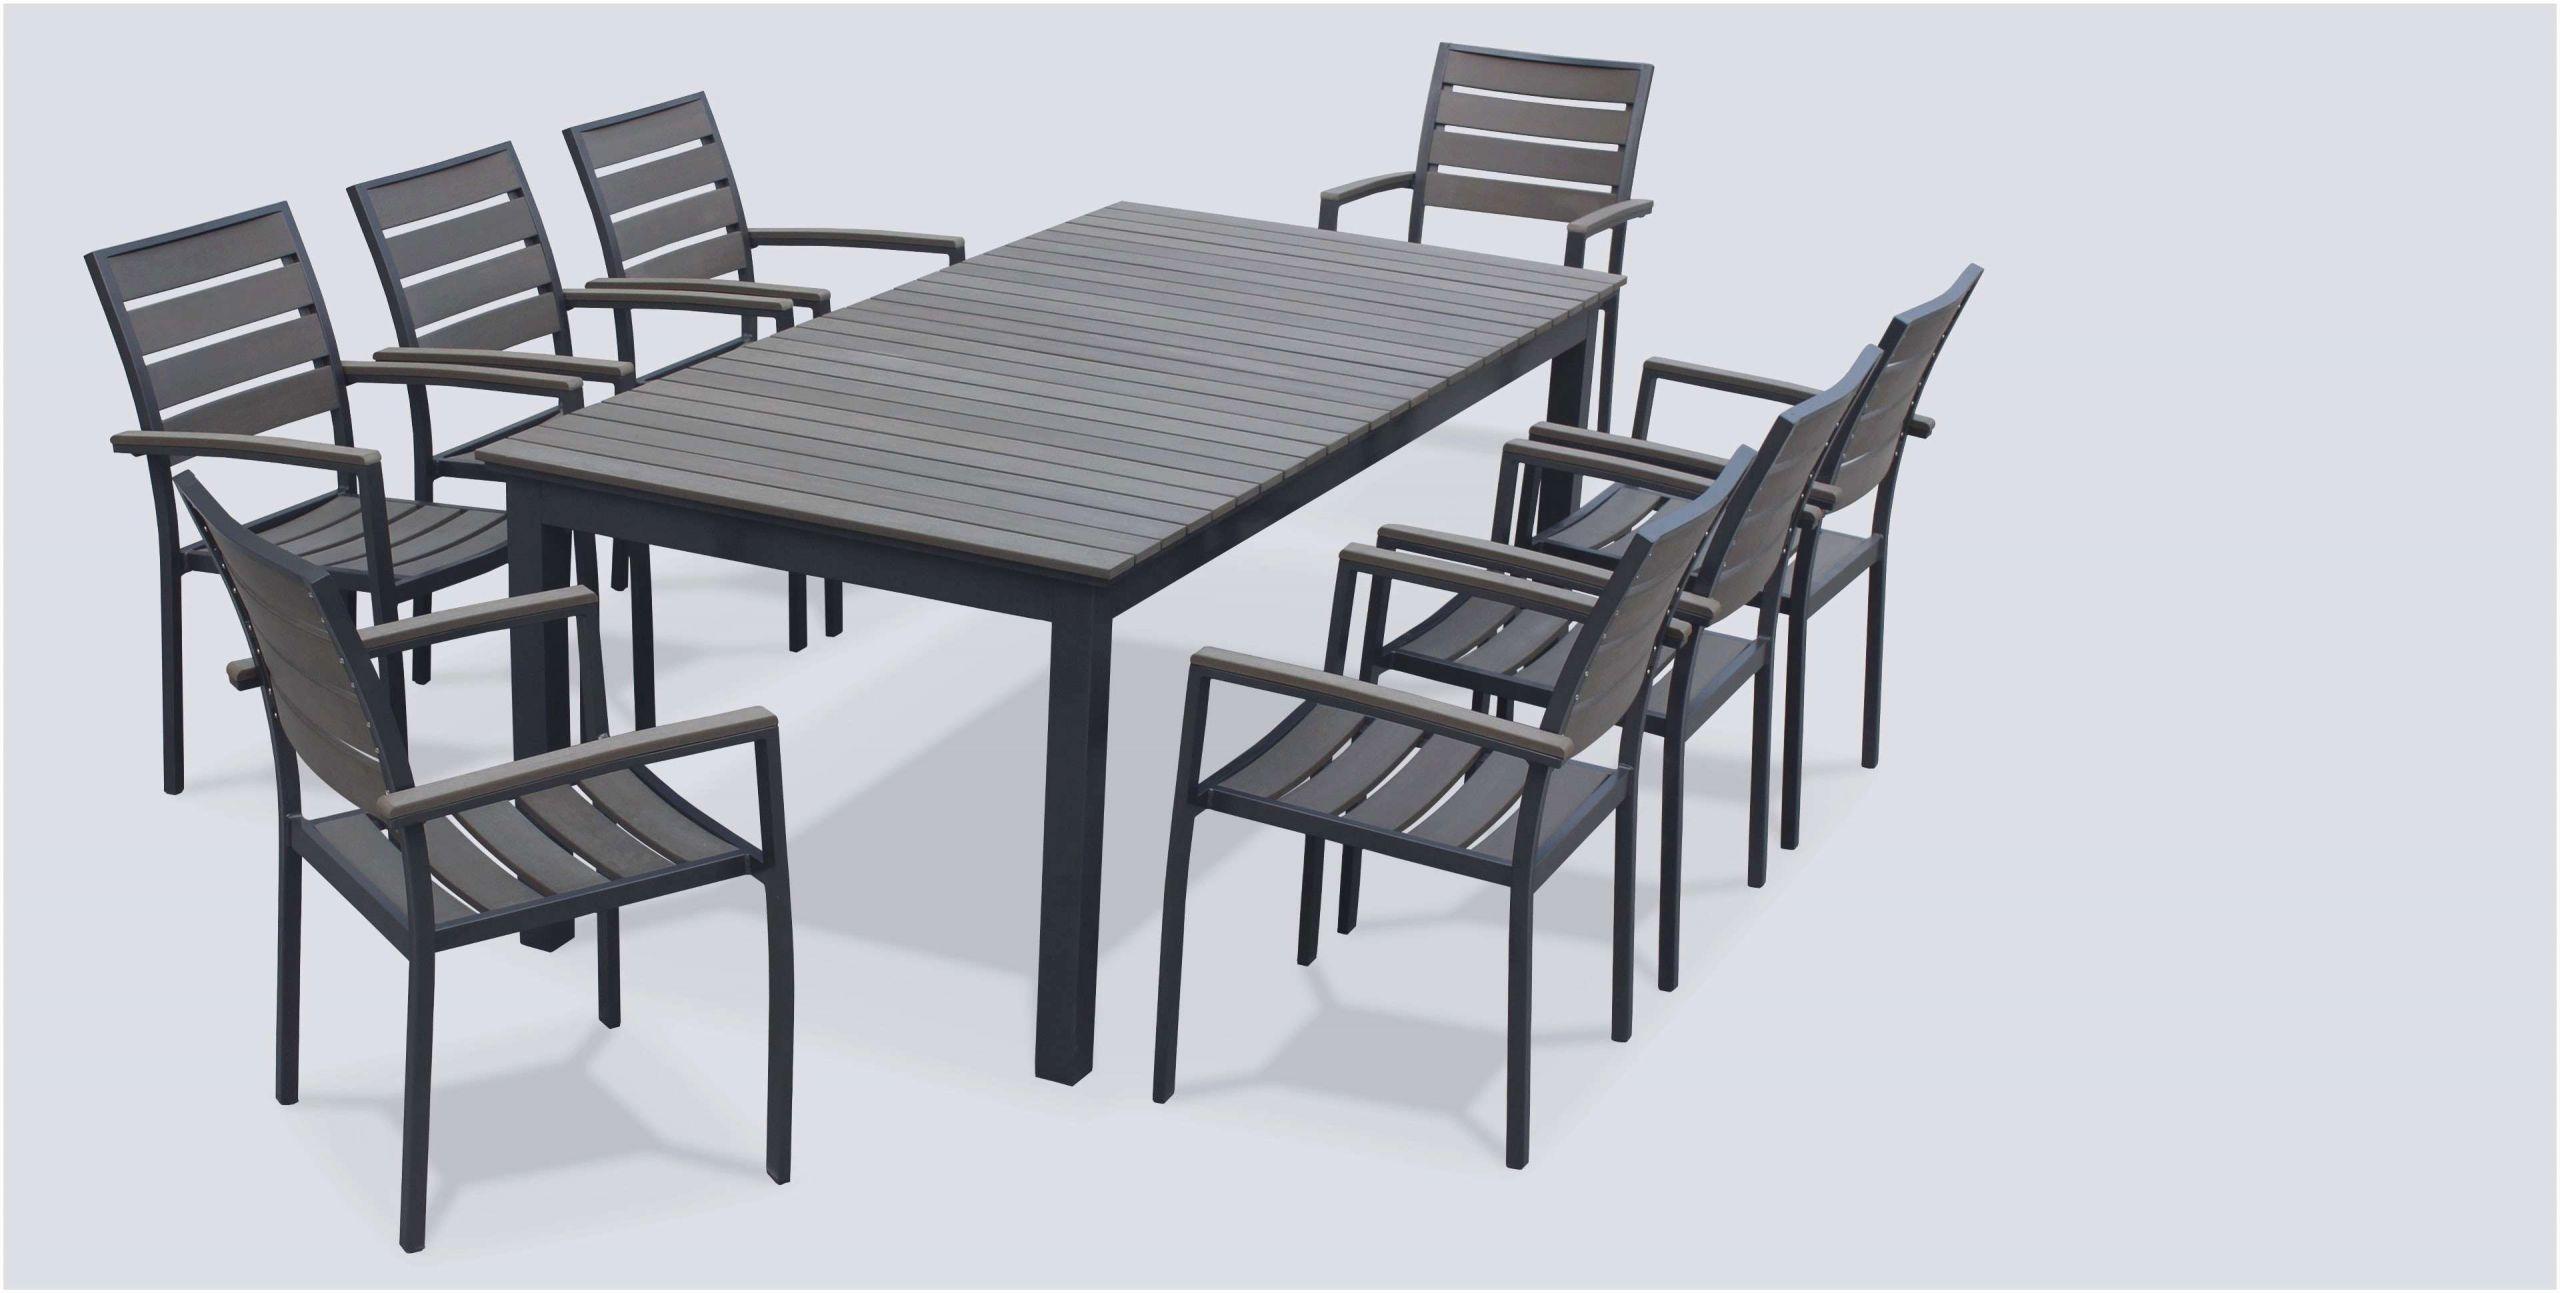 37 Charmant Table De Salon De Jardin Leclerc | Salon Jardin avec Abris De Jardin Leclerc